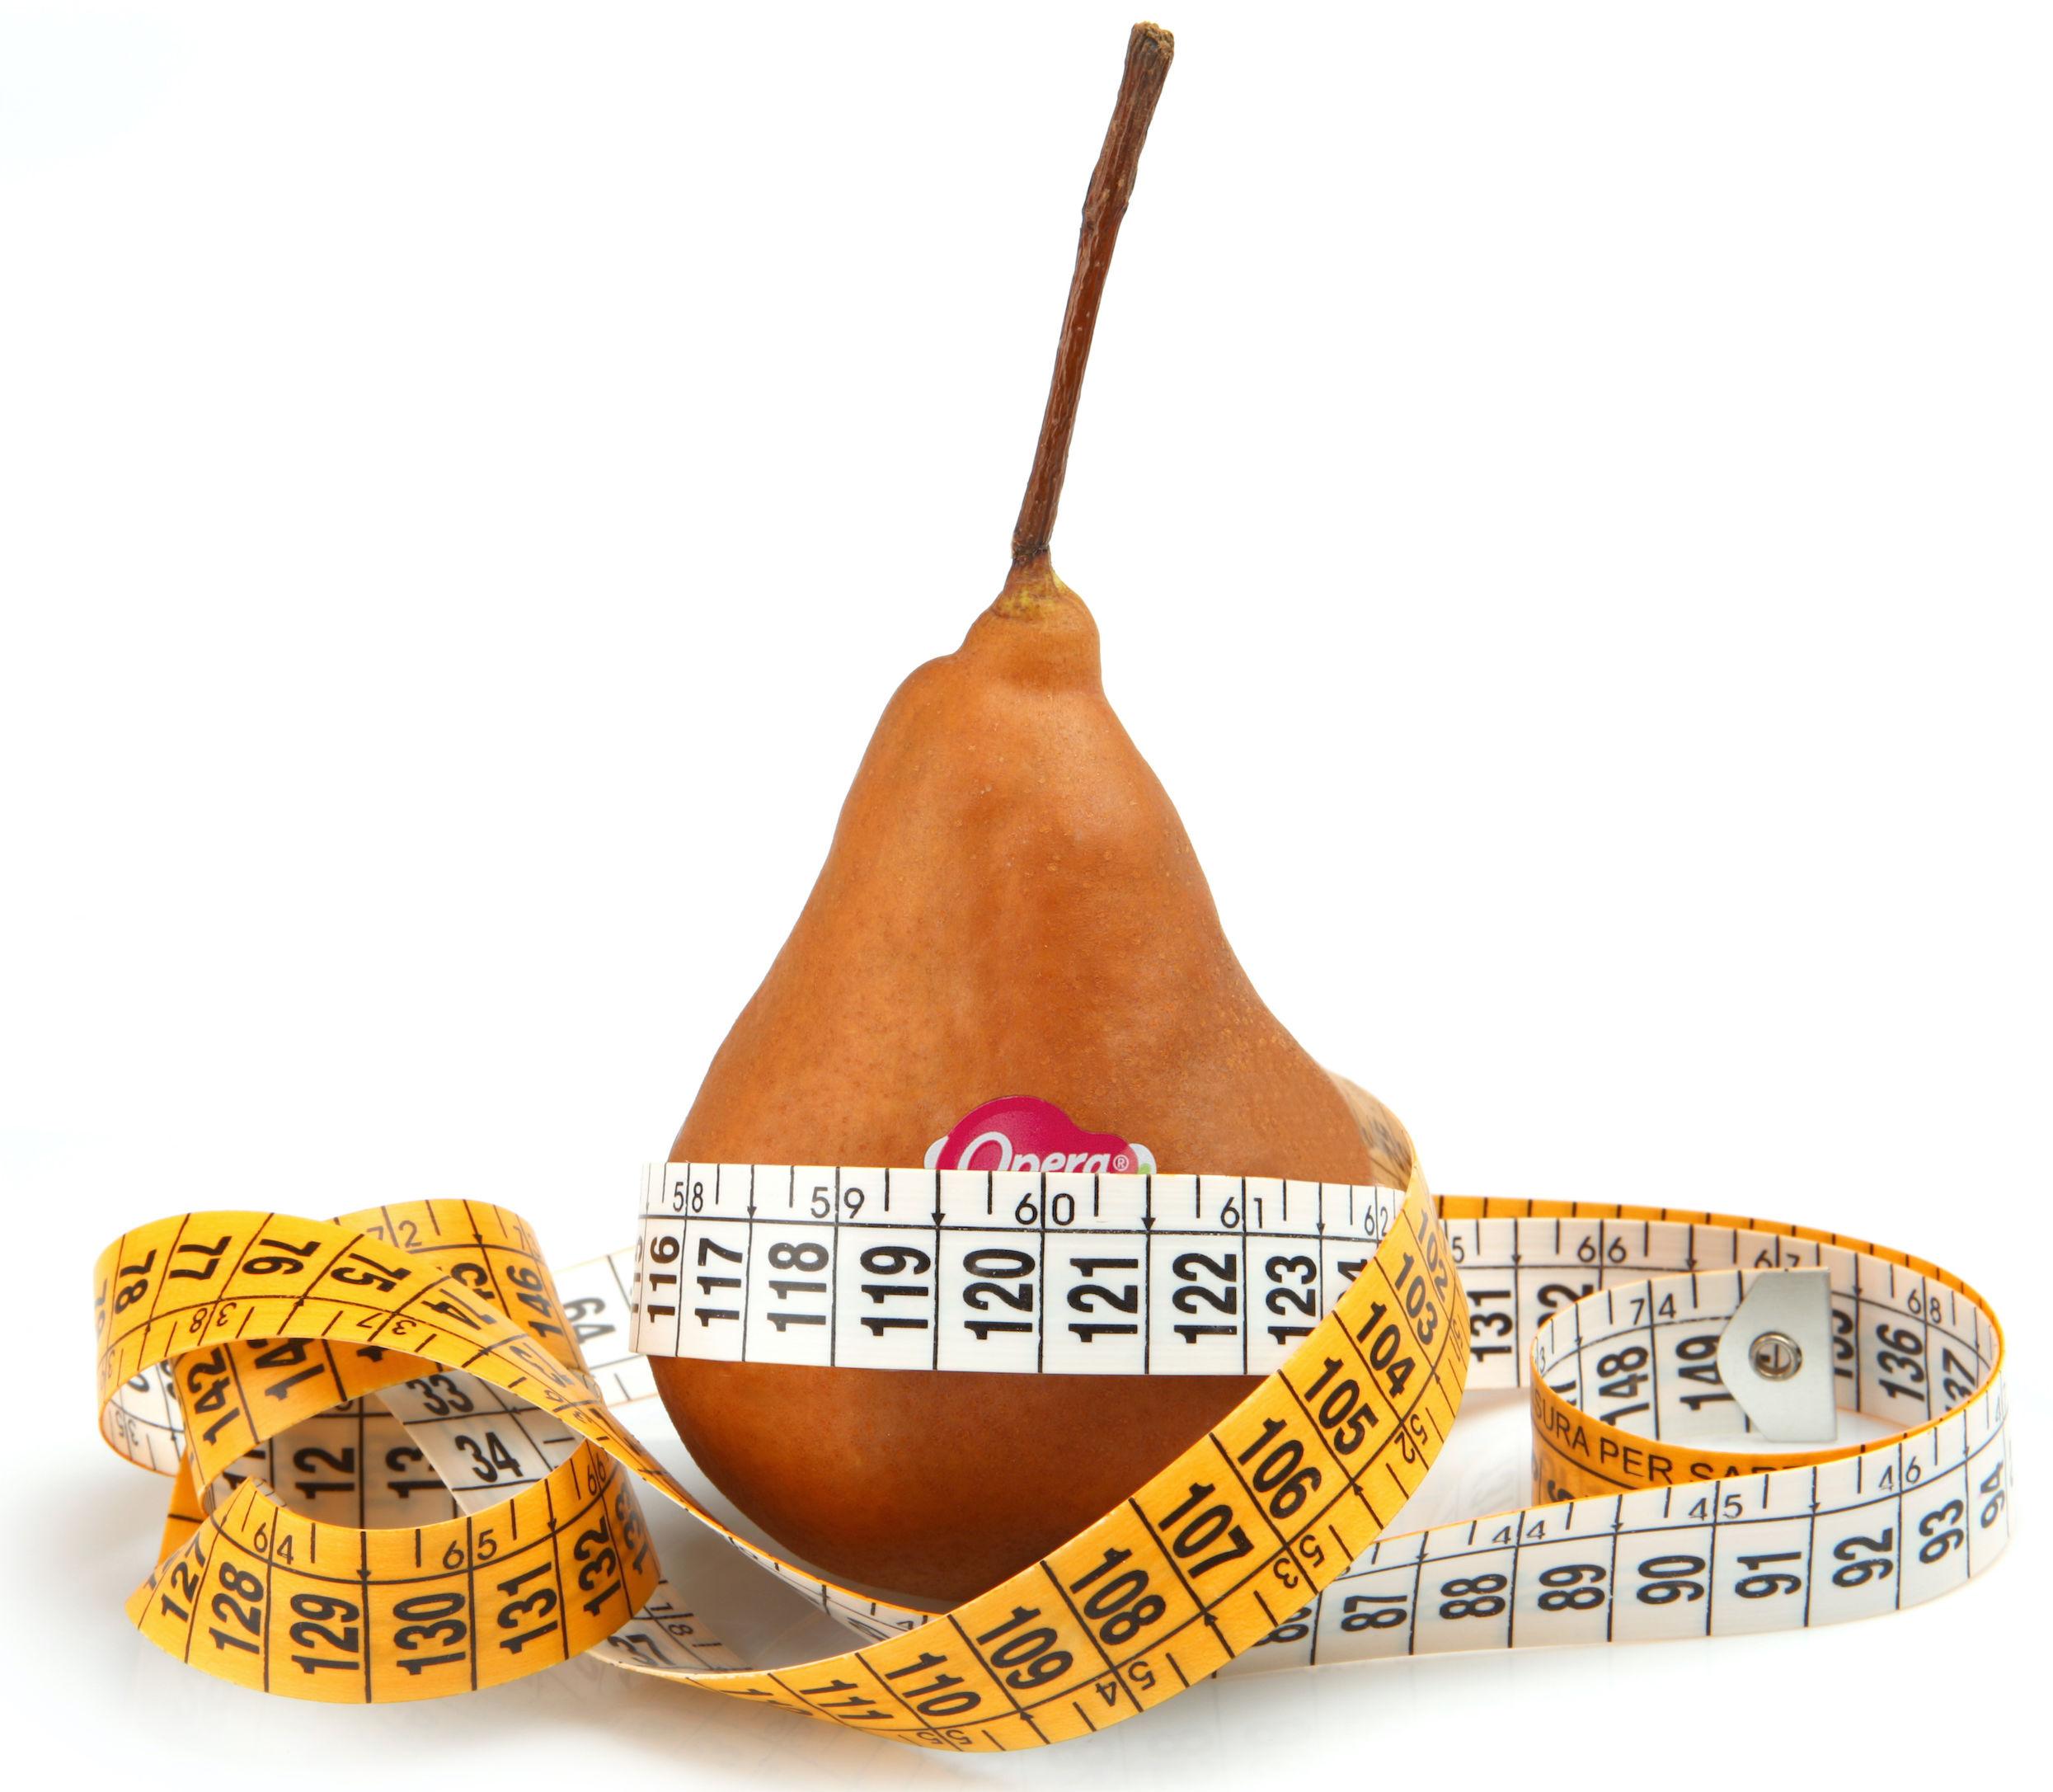 La pera fa ingrassare? Ecco perché è vero il contrario